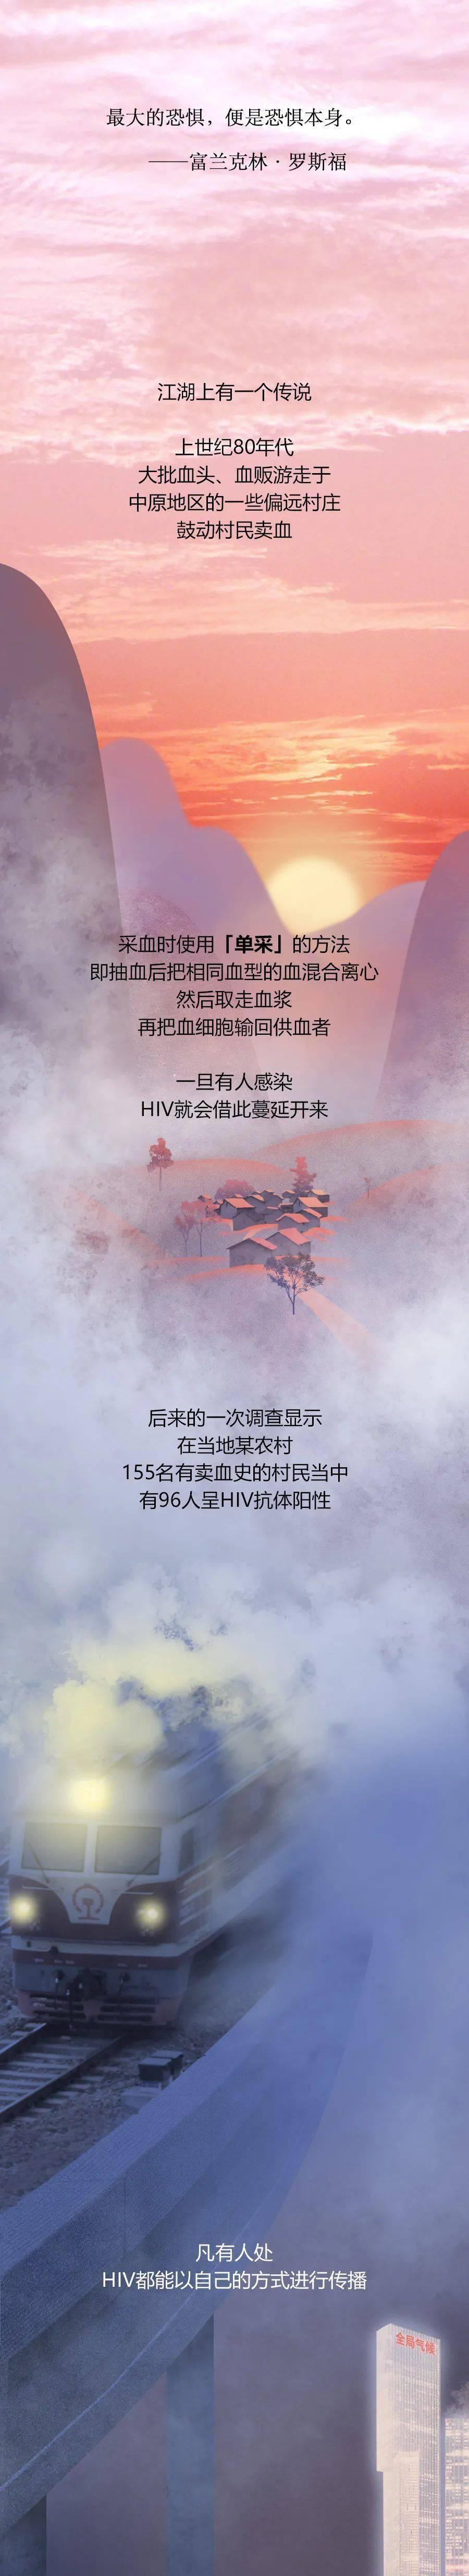 『艾滋病交响诗 2.0 』——长图描述艾滋病是怎么发现,0号病人是谁?